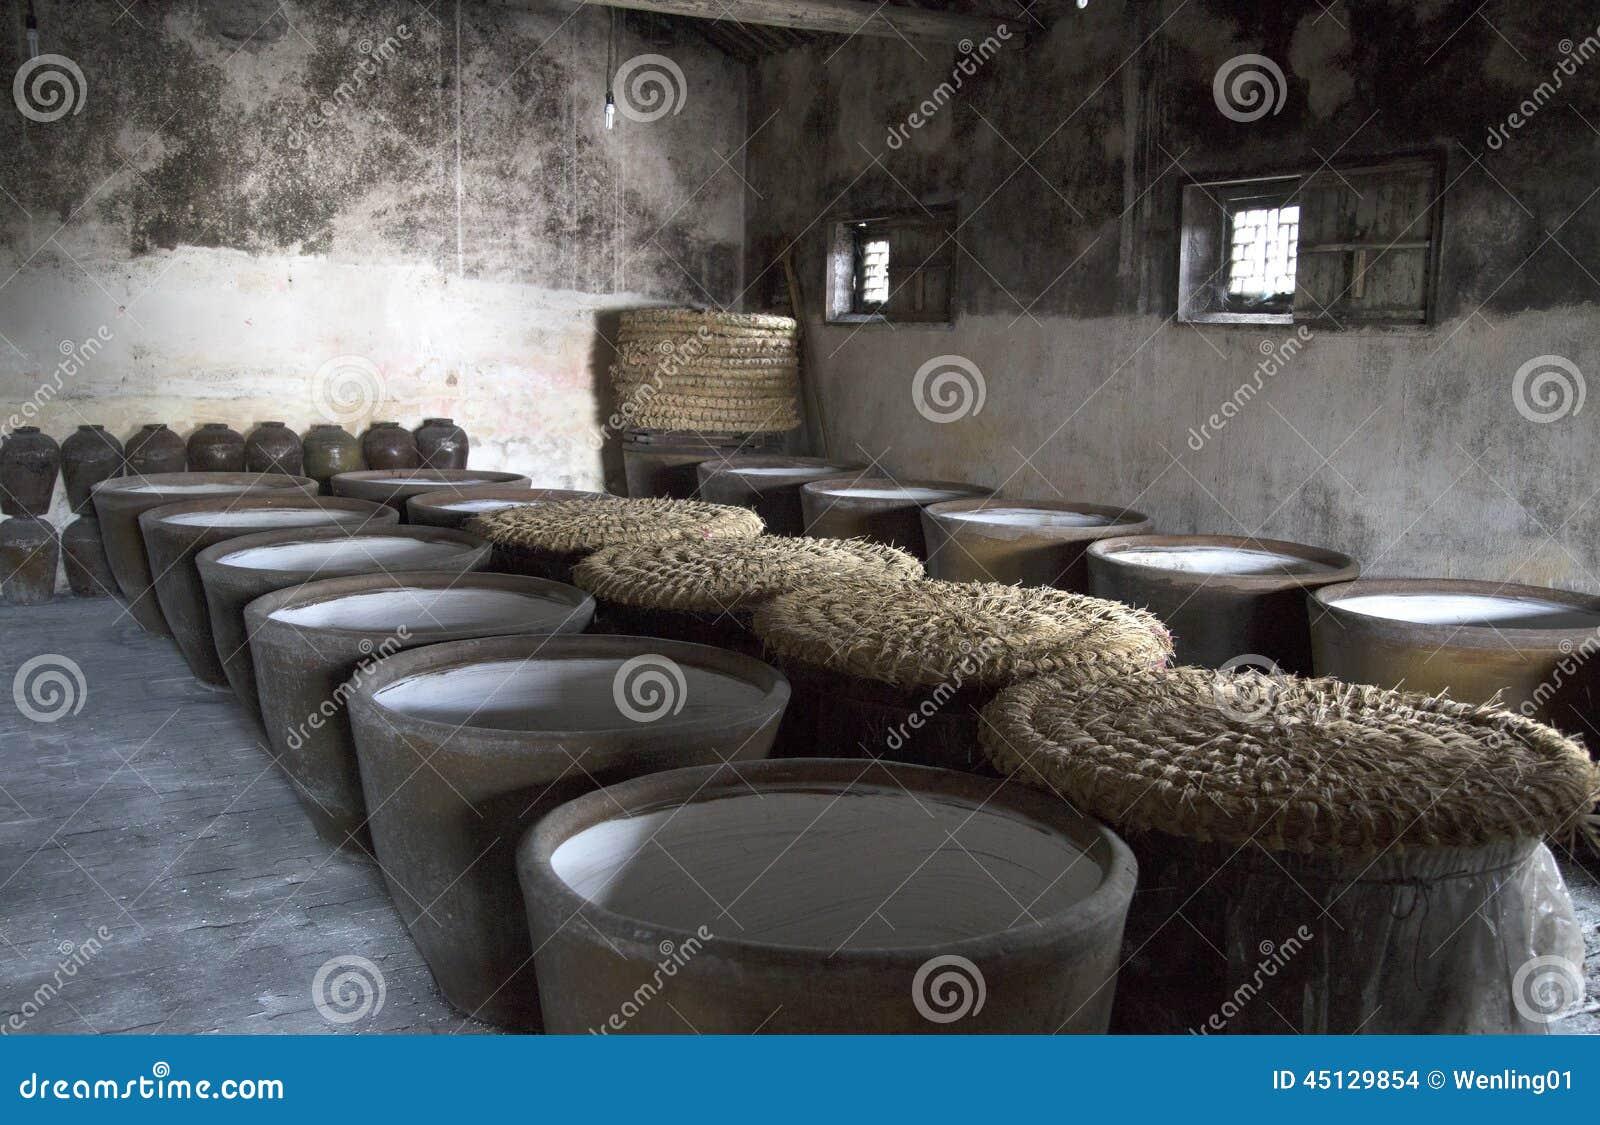 Clay jars in distillery